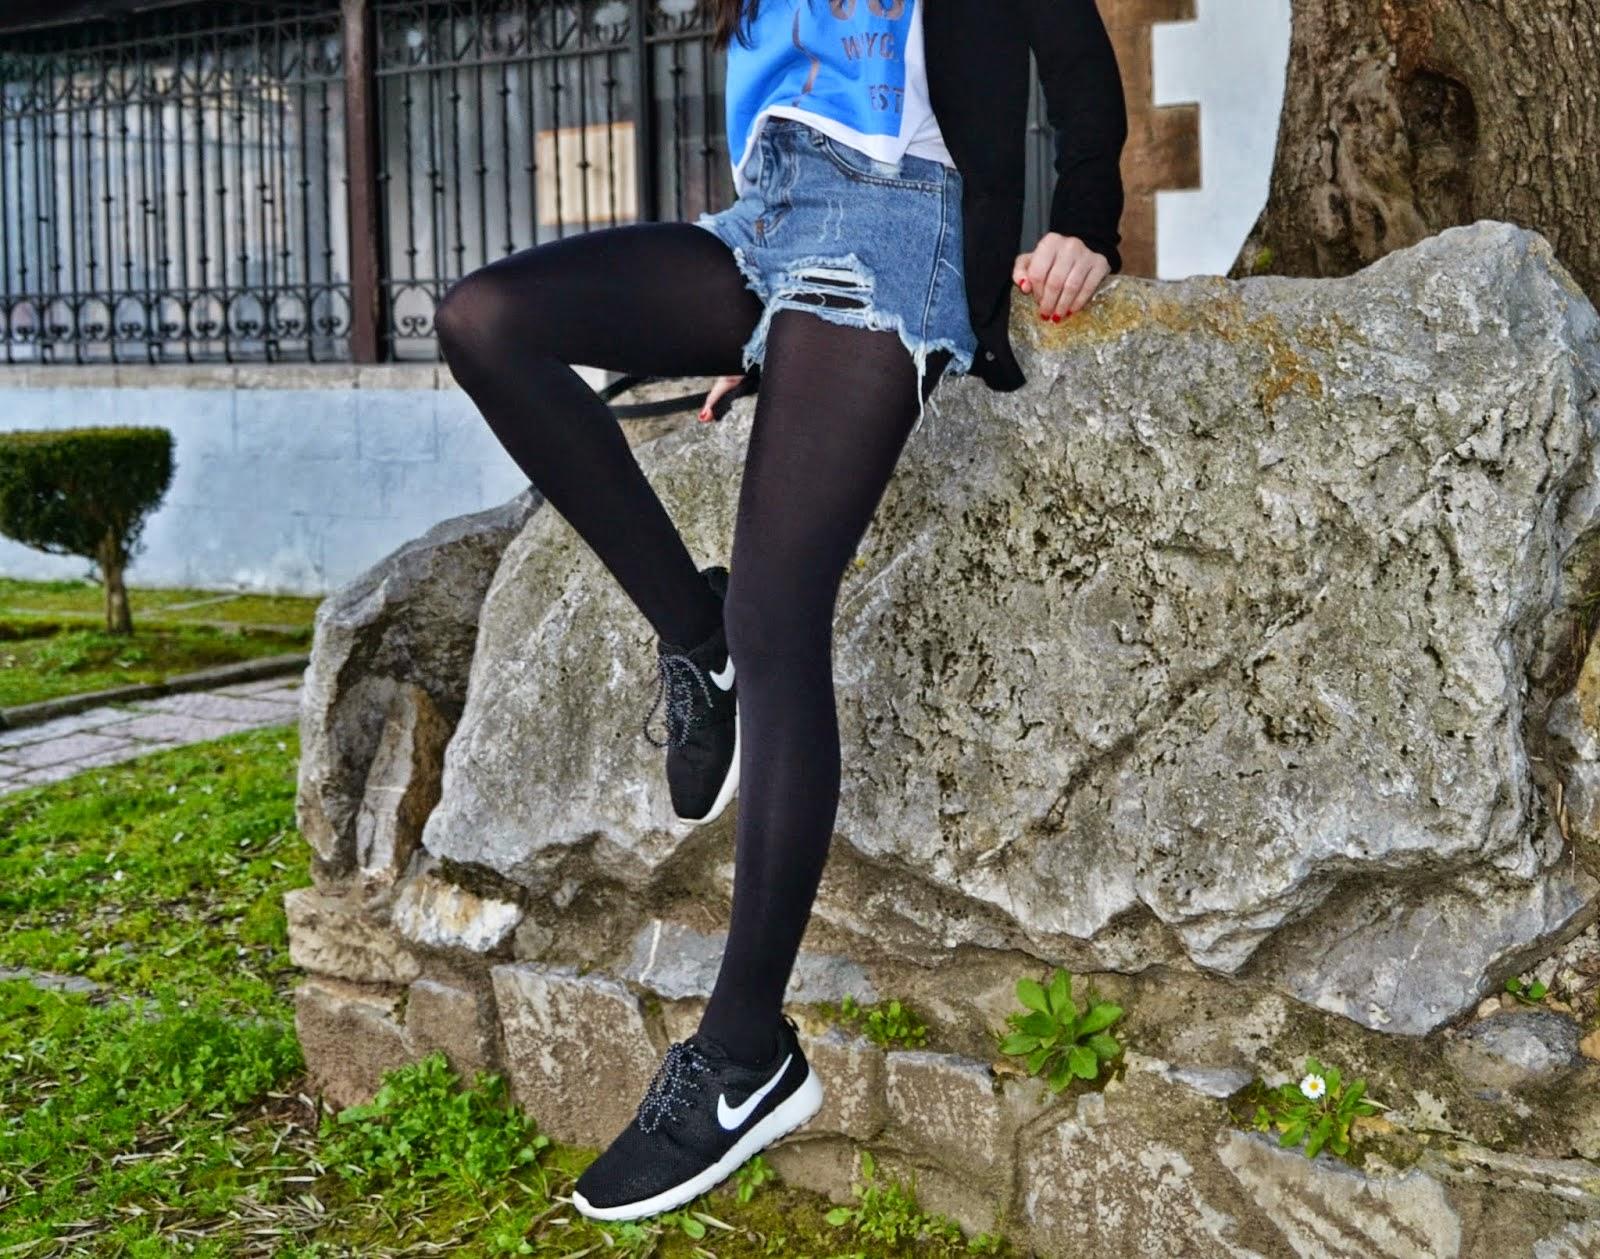 Comprar Zapatillas Nike Baratas